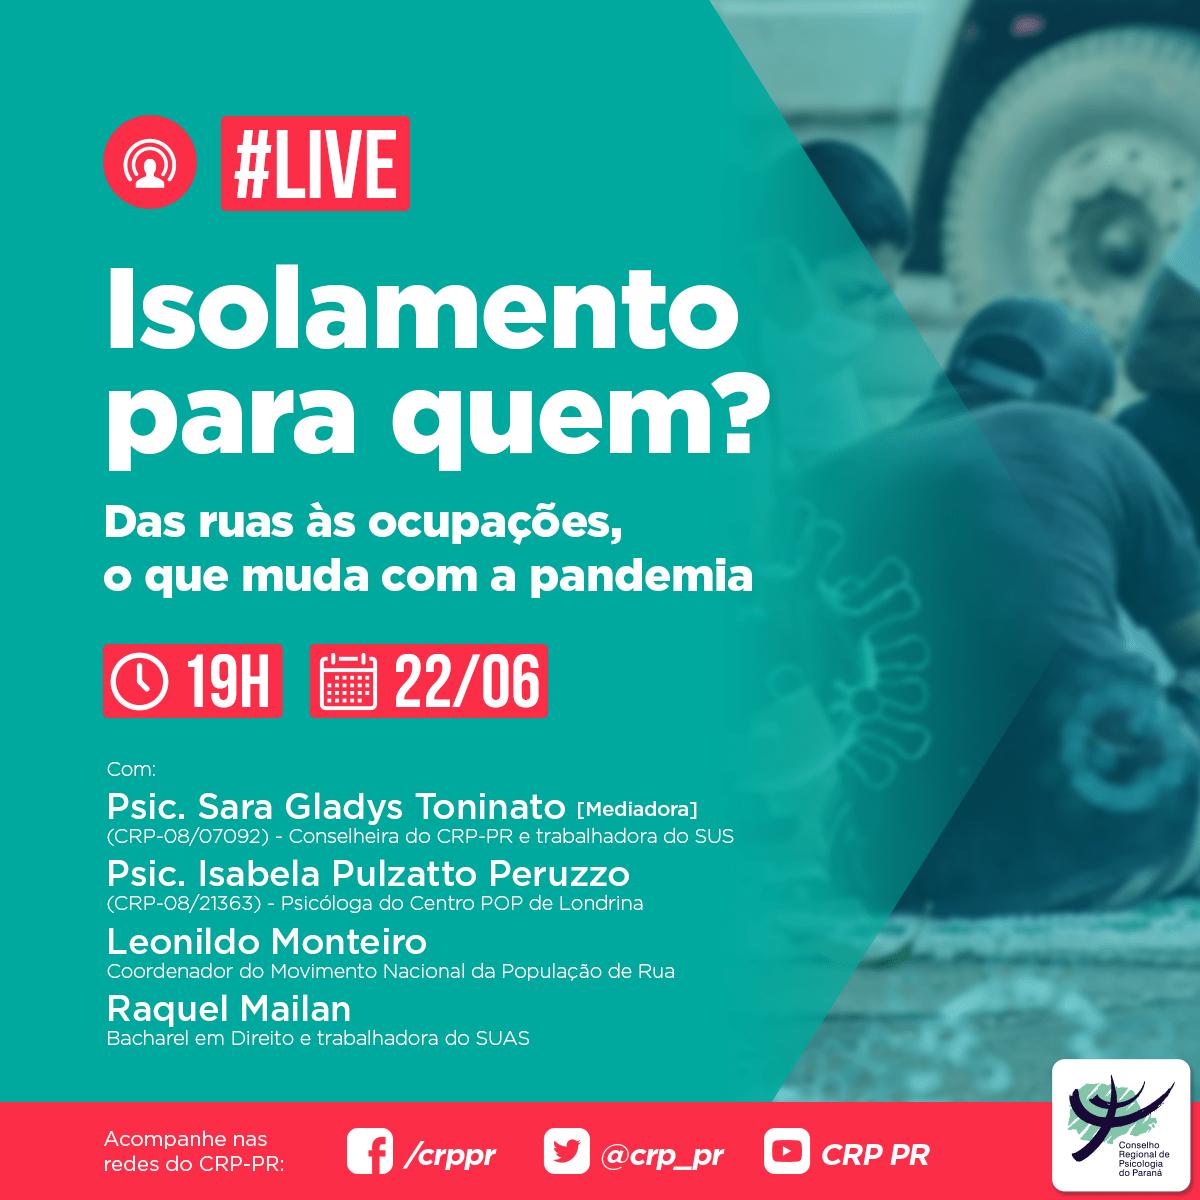 Live | Isolamento para quem? Das ruas às ocupações, o que de fato muda com a pandemia